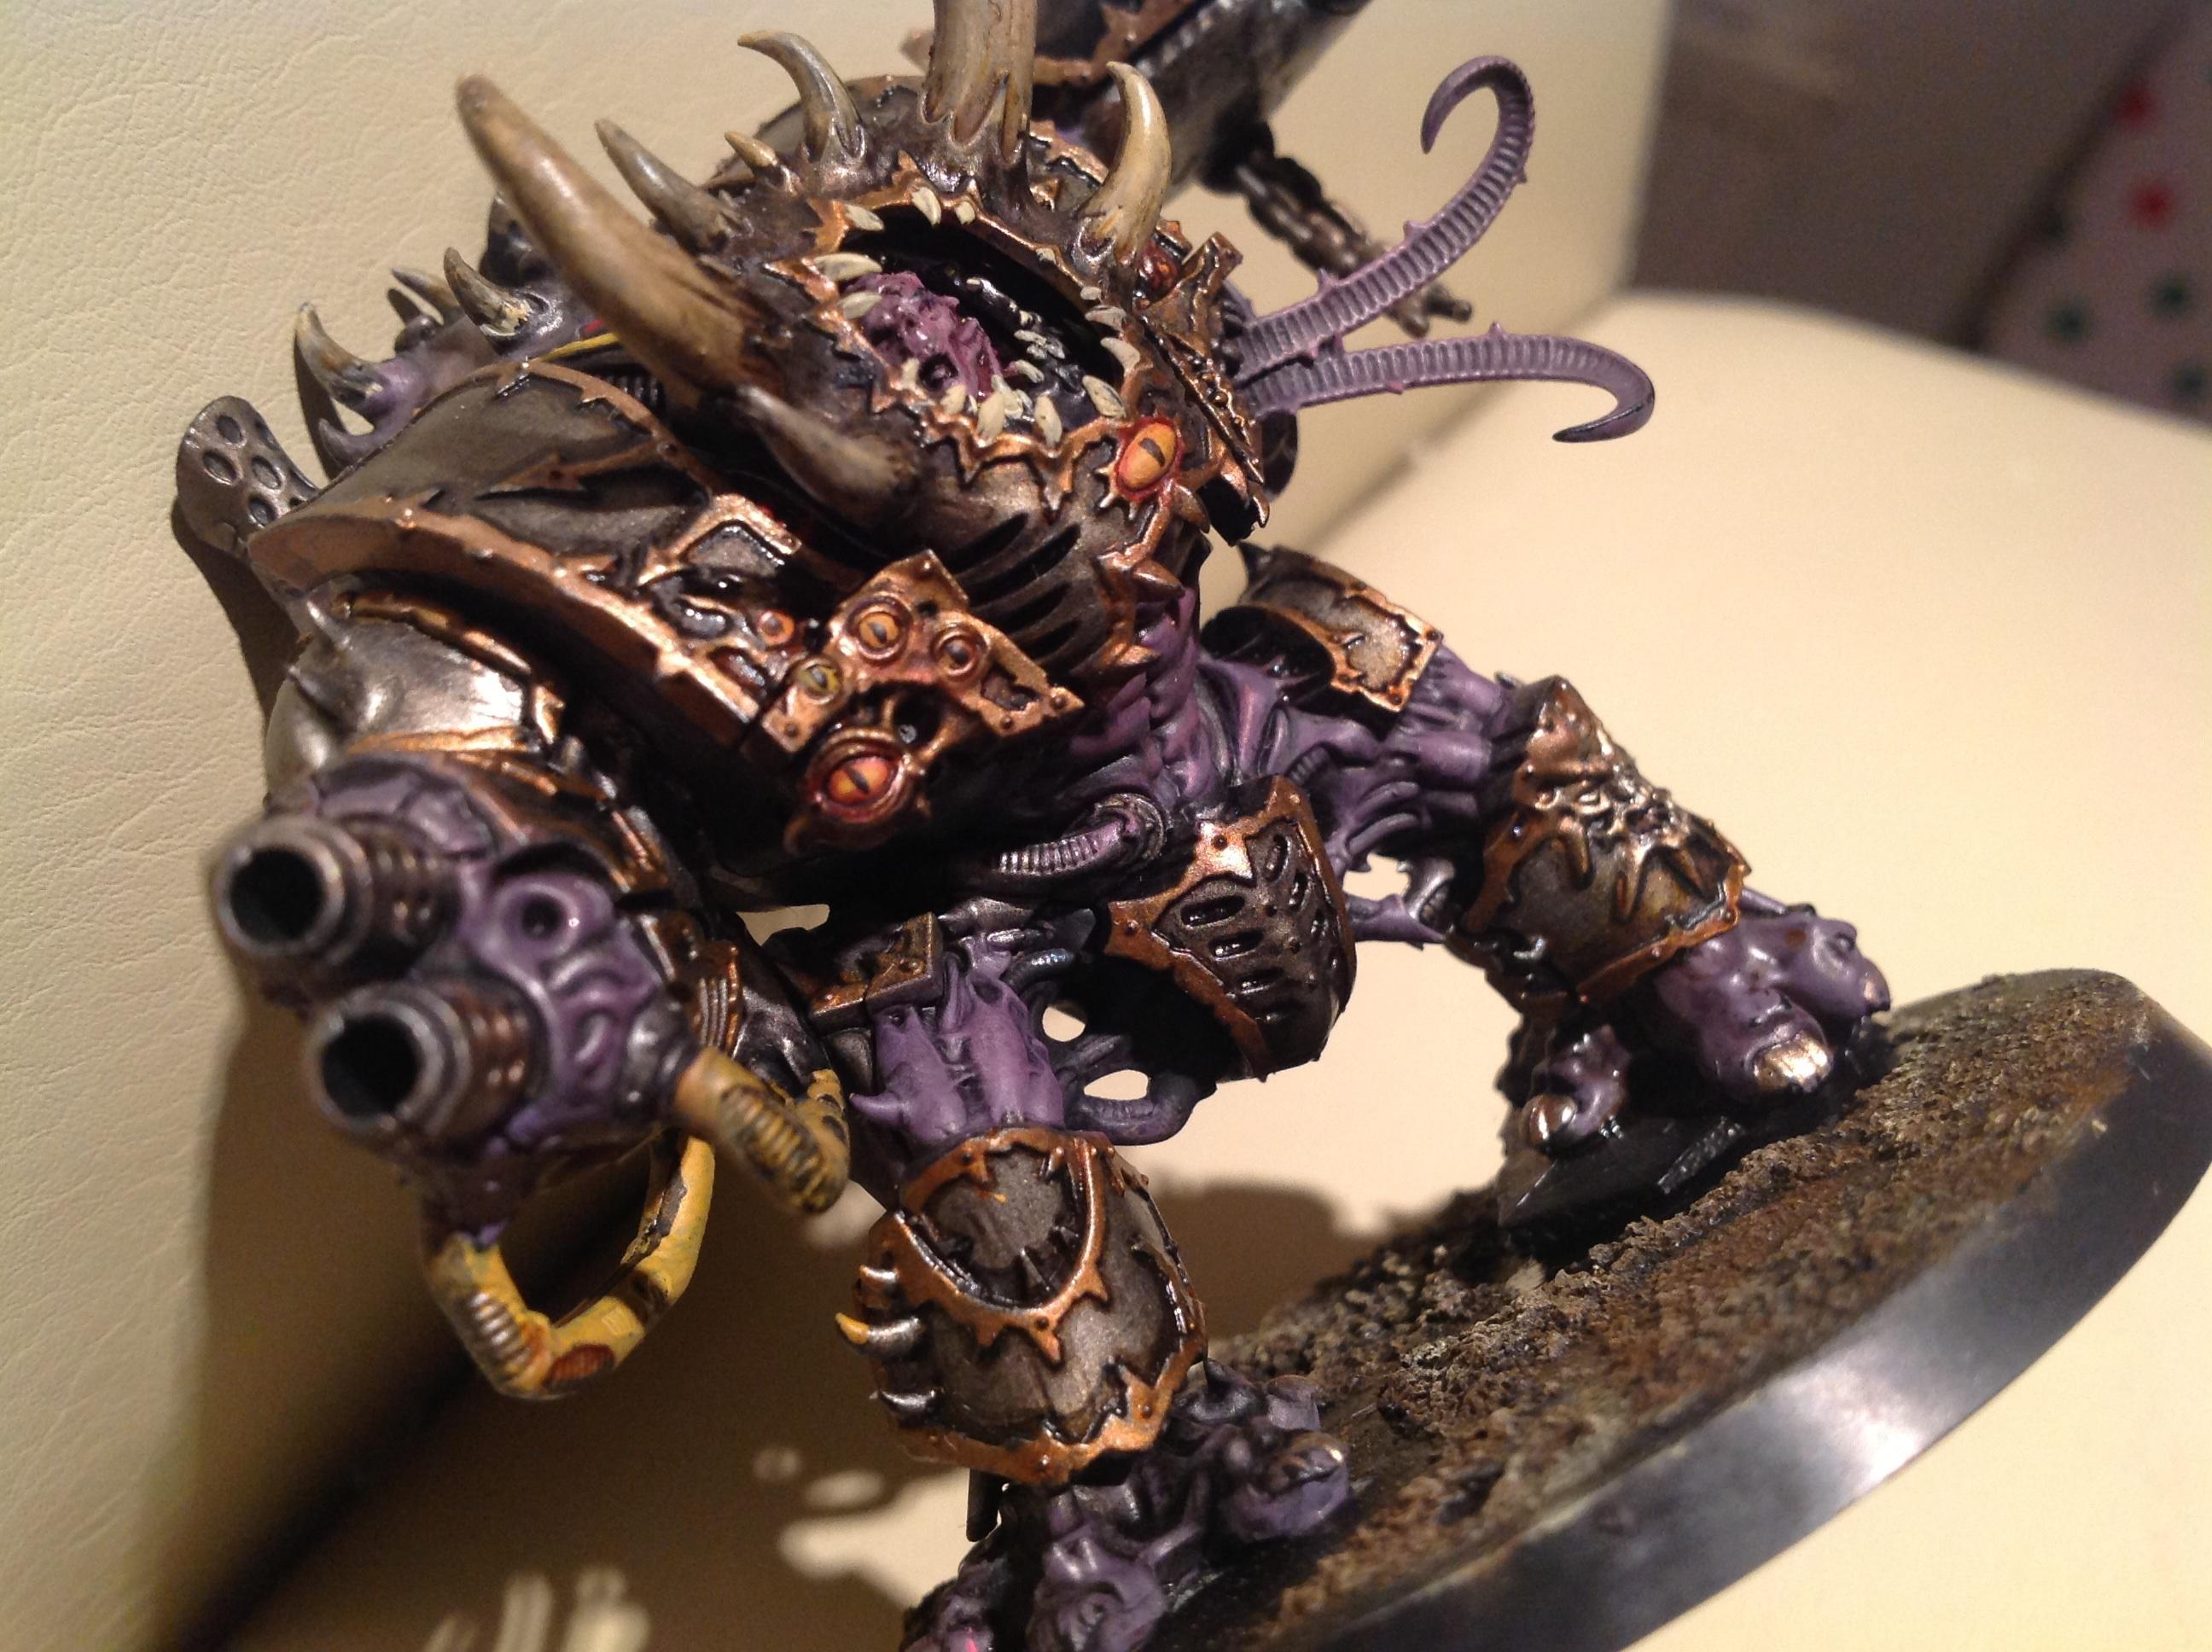 Chaos, Dreadnought, Hellbrute, Purple